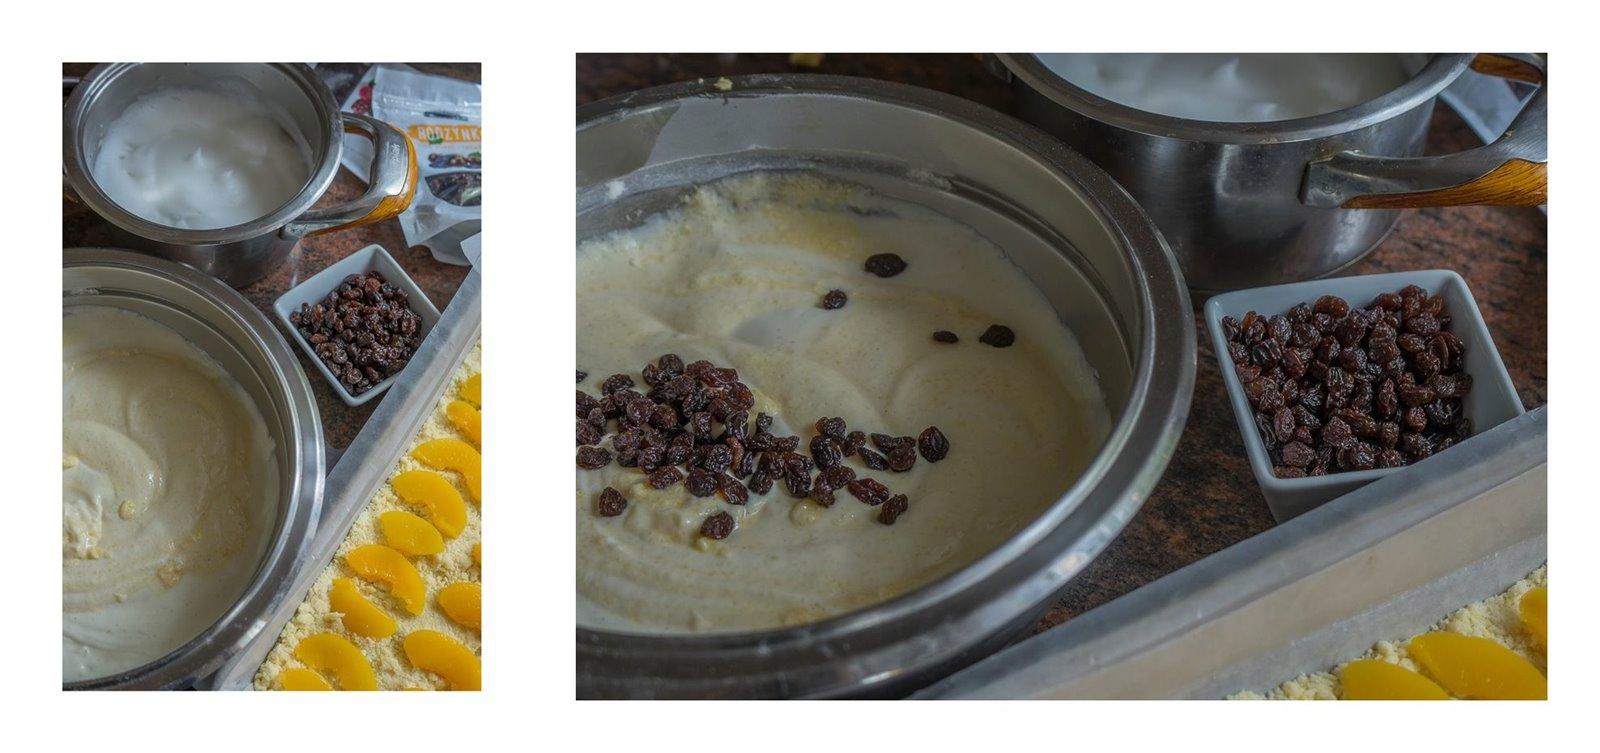 1 sernik z brzoskwiniami bez budyniu co zamiast budyniu do serknika jak upiec sernik przepis na ciasto na wielkanoc boże narodzenie z brzoskwiniami owocami z puszki kruchy spód jak zrobić ciasto placek z rodzynek